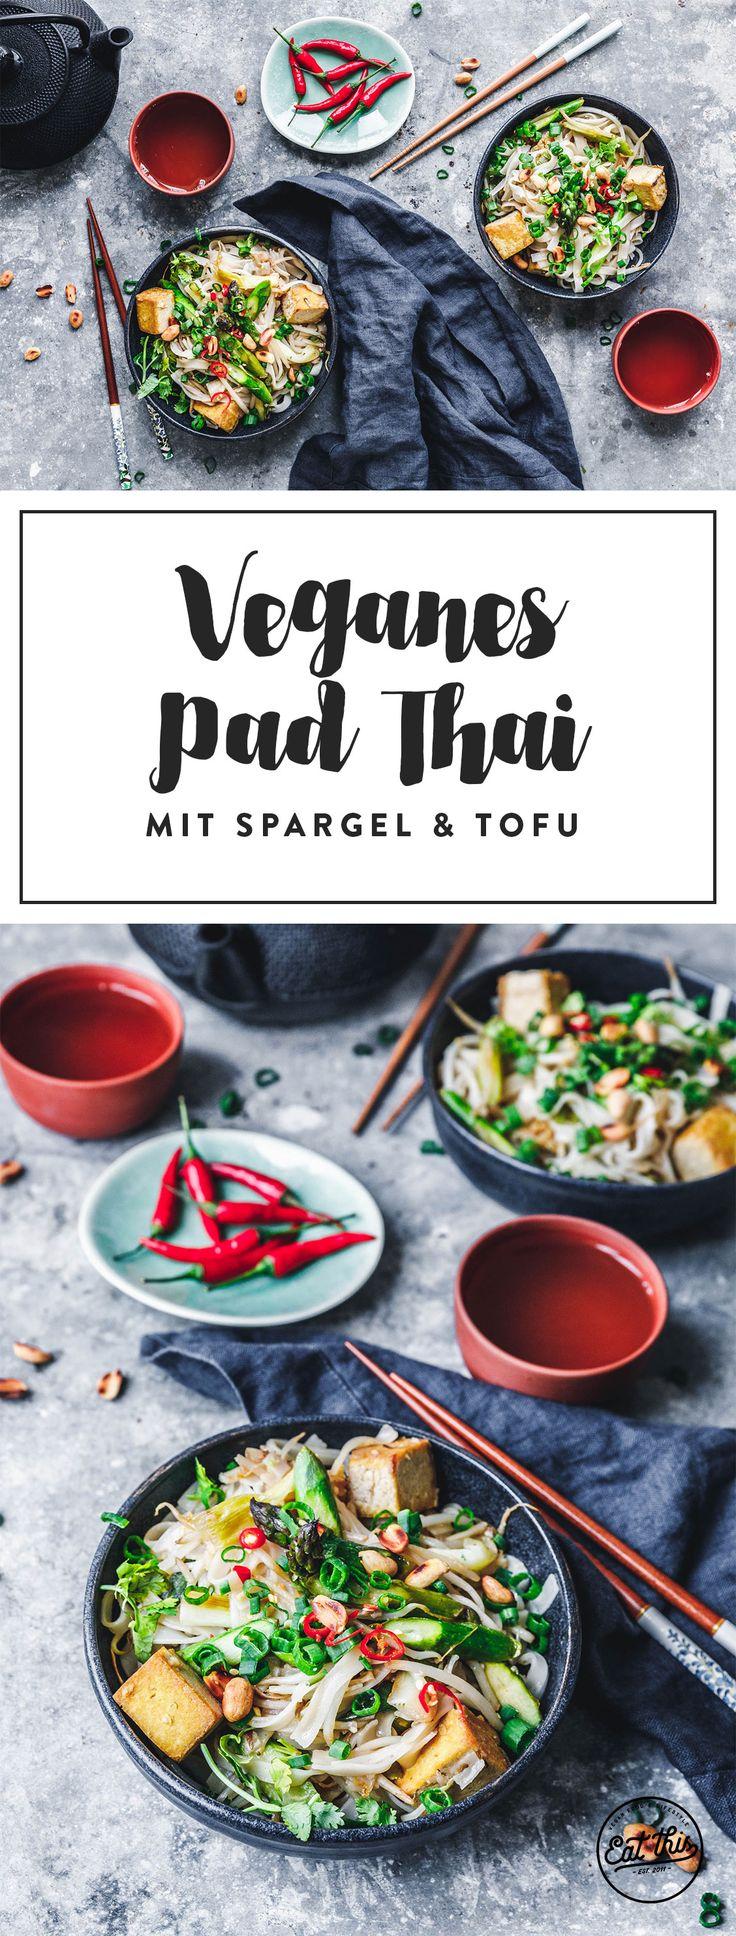 Dieses Pad Thai mit grünem Spargel und kross gebratenem Tofu steht in nichtmal 30 Minuten auf dem Tisch. Perfekt für den spontanen Thai-Appetit!